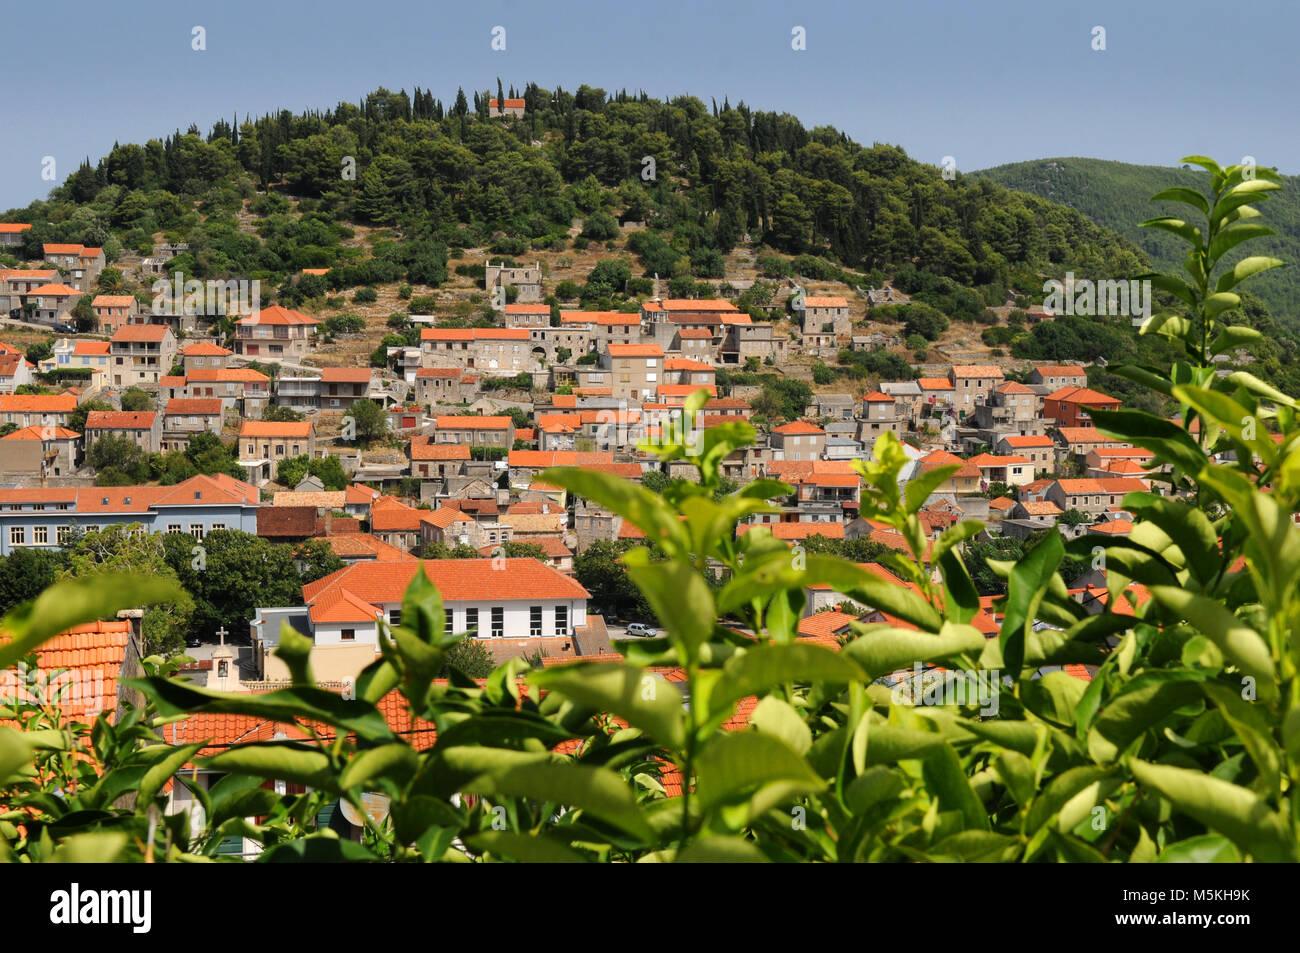 Piccola città croata Blato sull isola di Korcula Croazia Immagini Stock